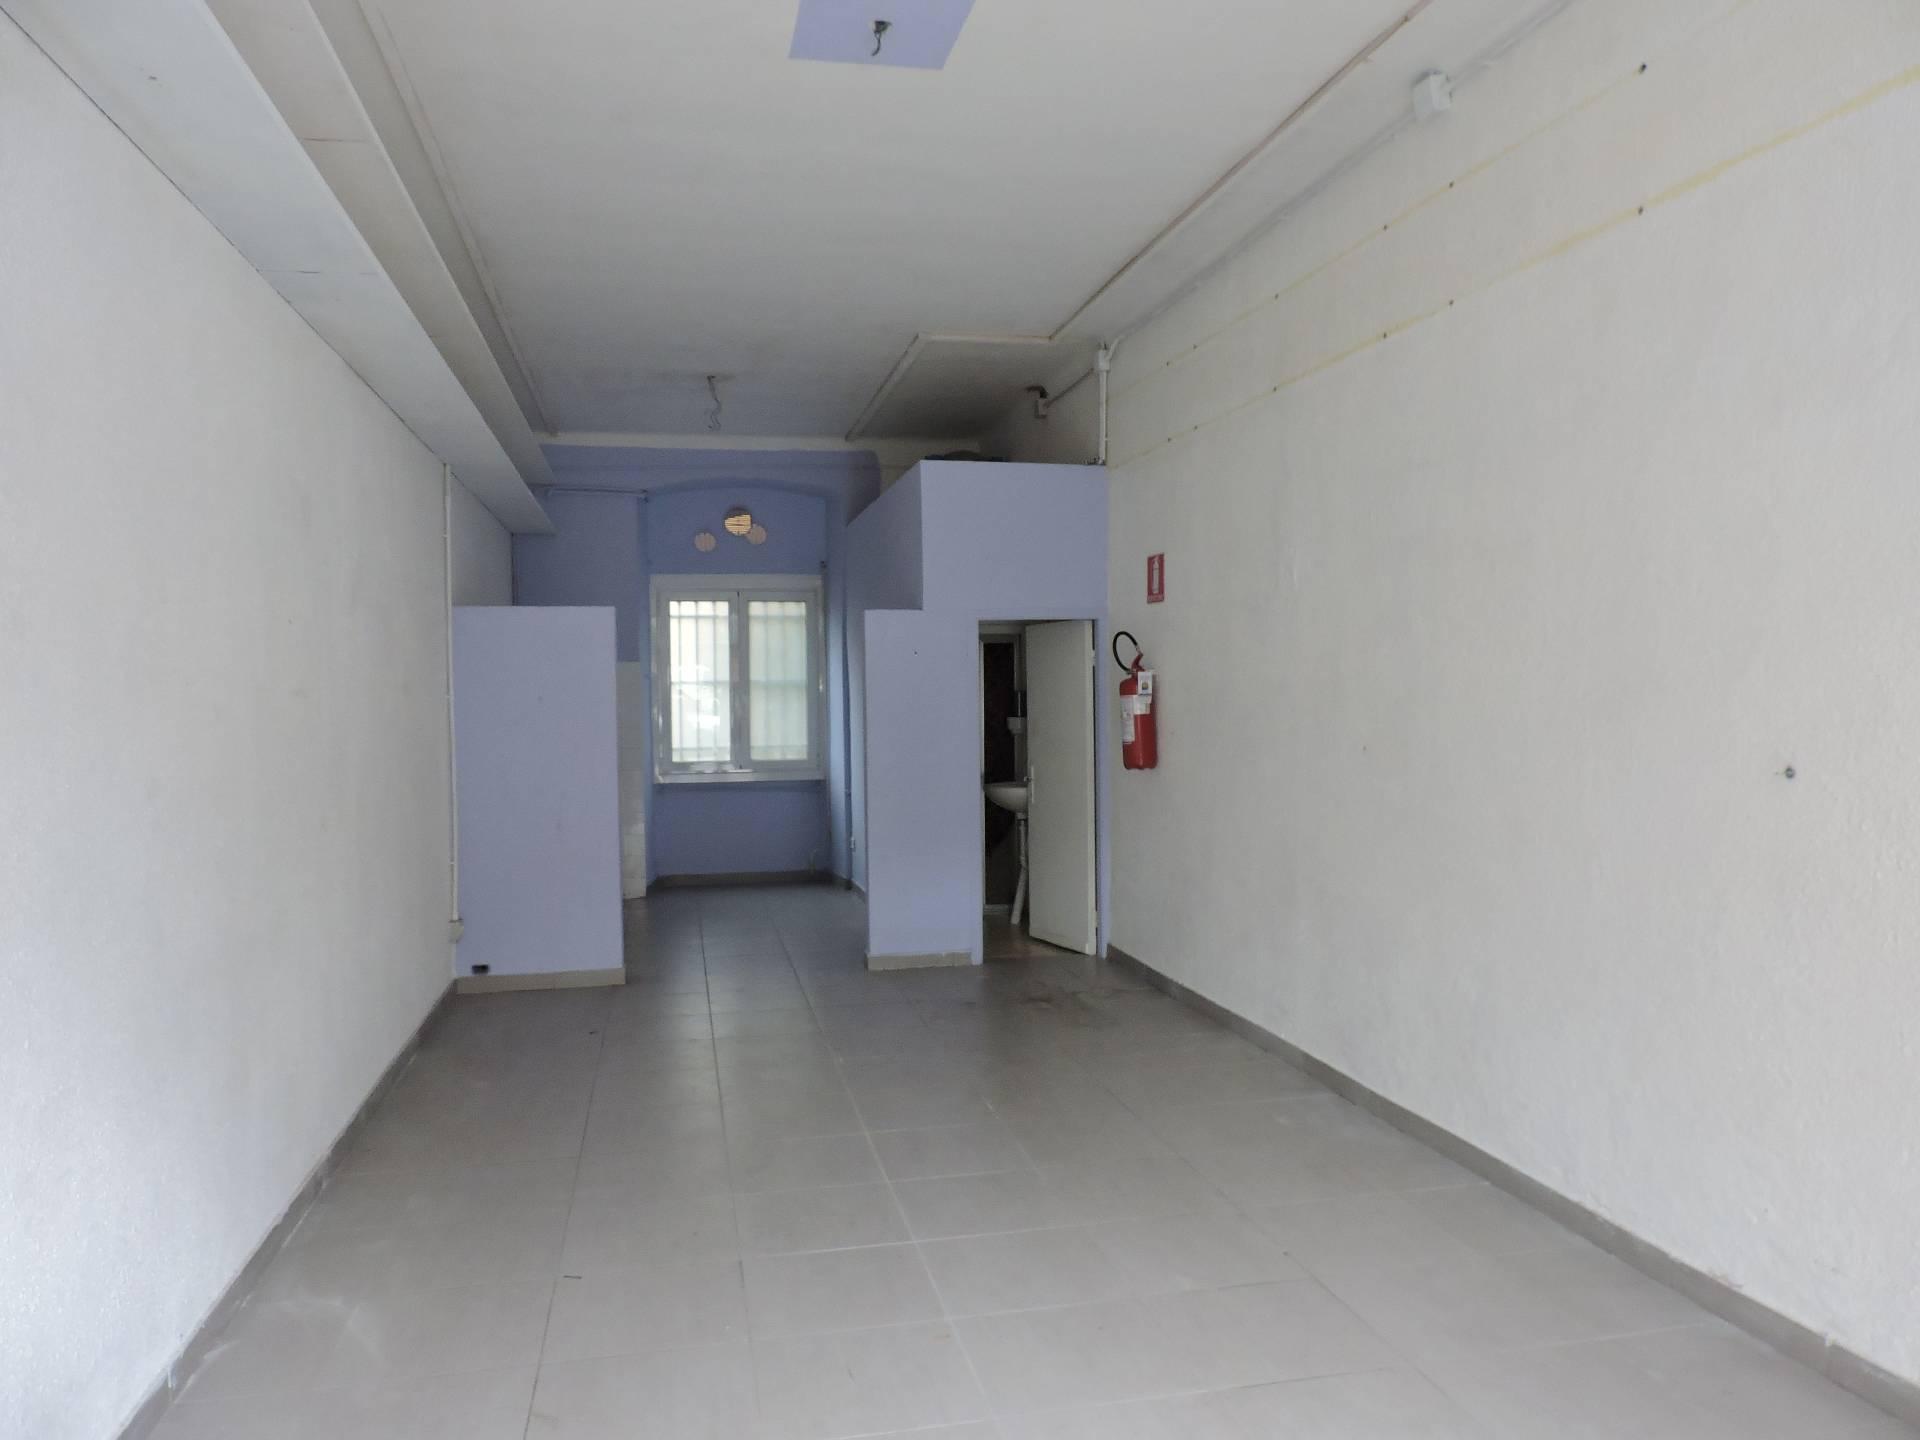 Negozio / Locale in affitto a Santa Margherita Ligure, 9999 locali, prezzo € 650 | Cambio Casa.it